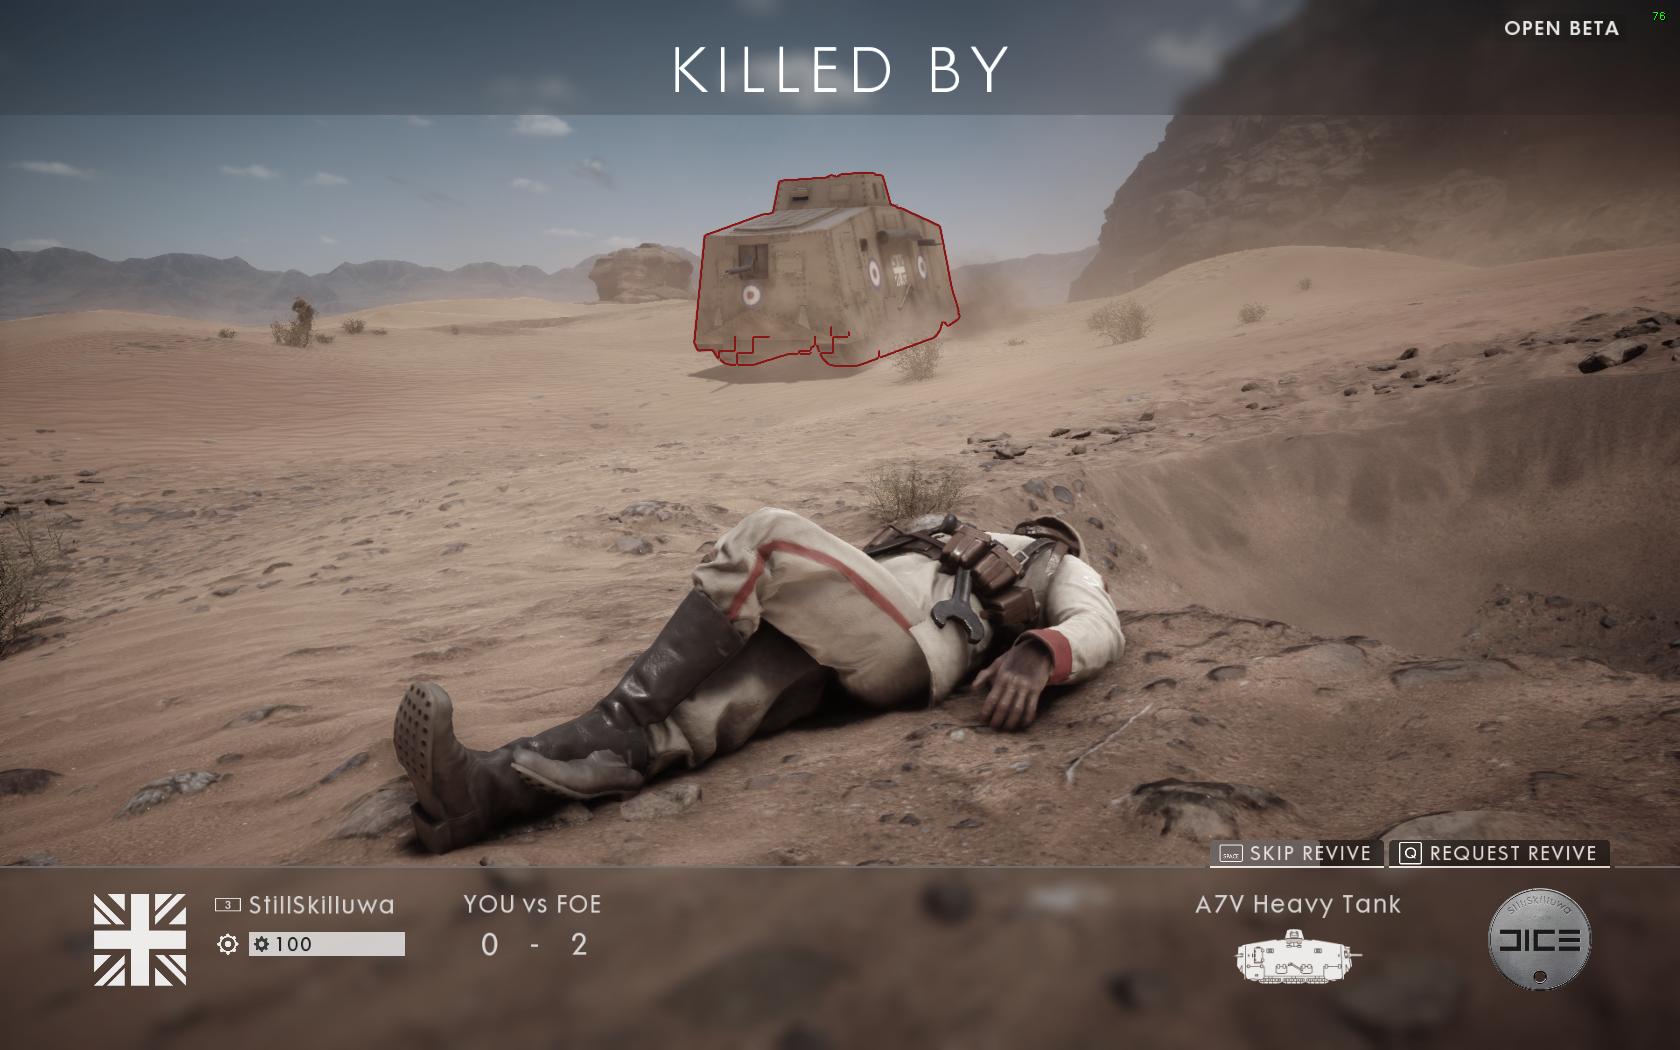 Dojmy z hraní otevřené bety Battlefield 1 129863